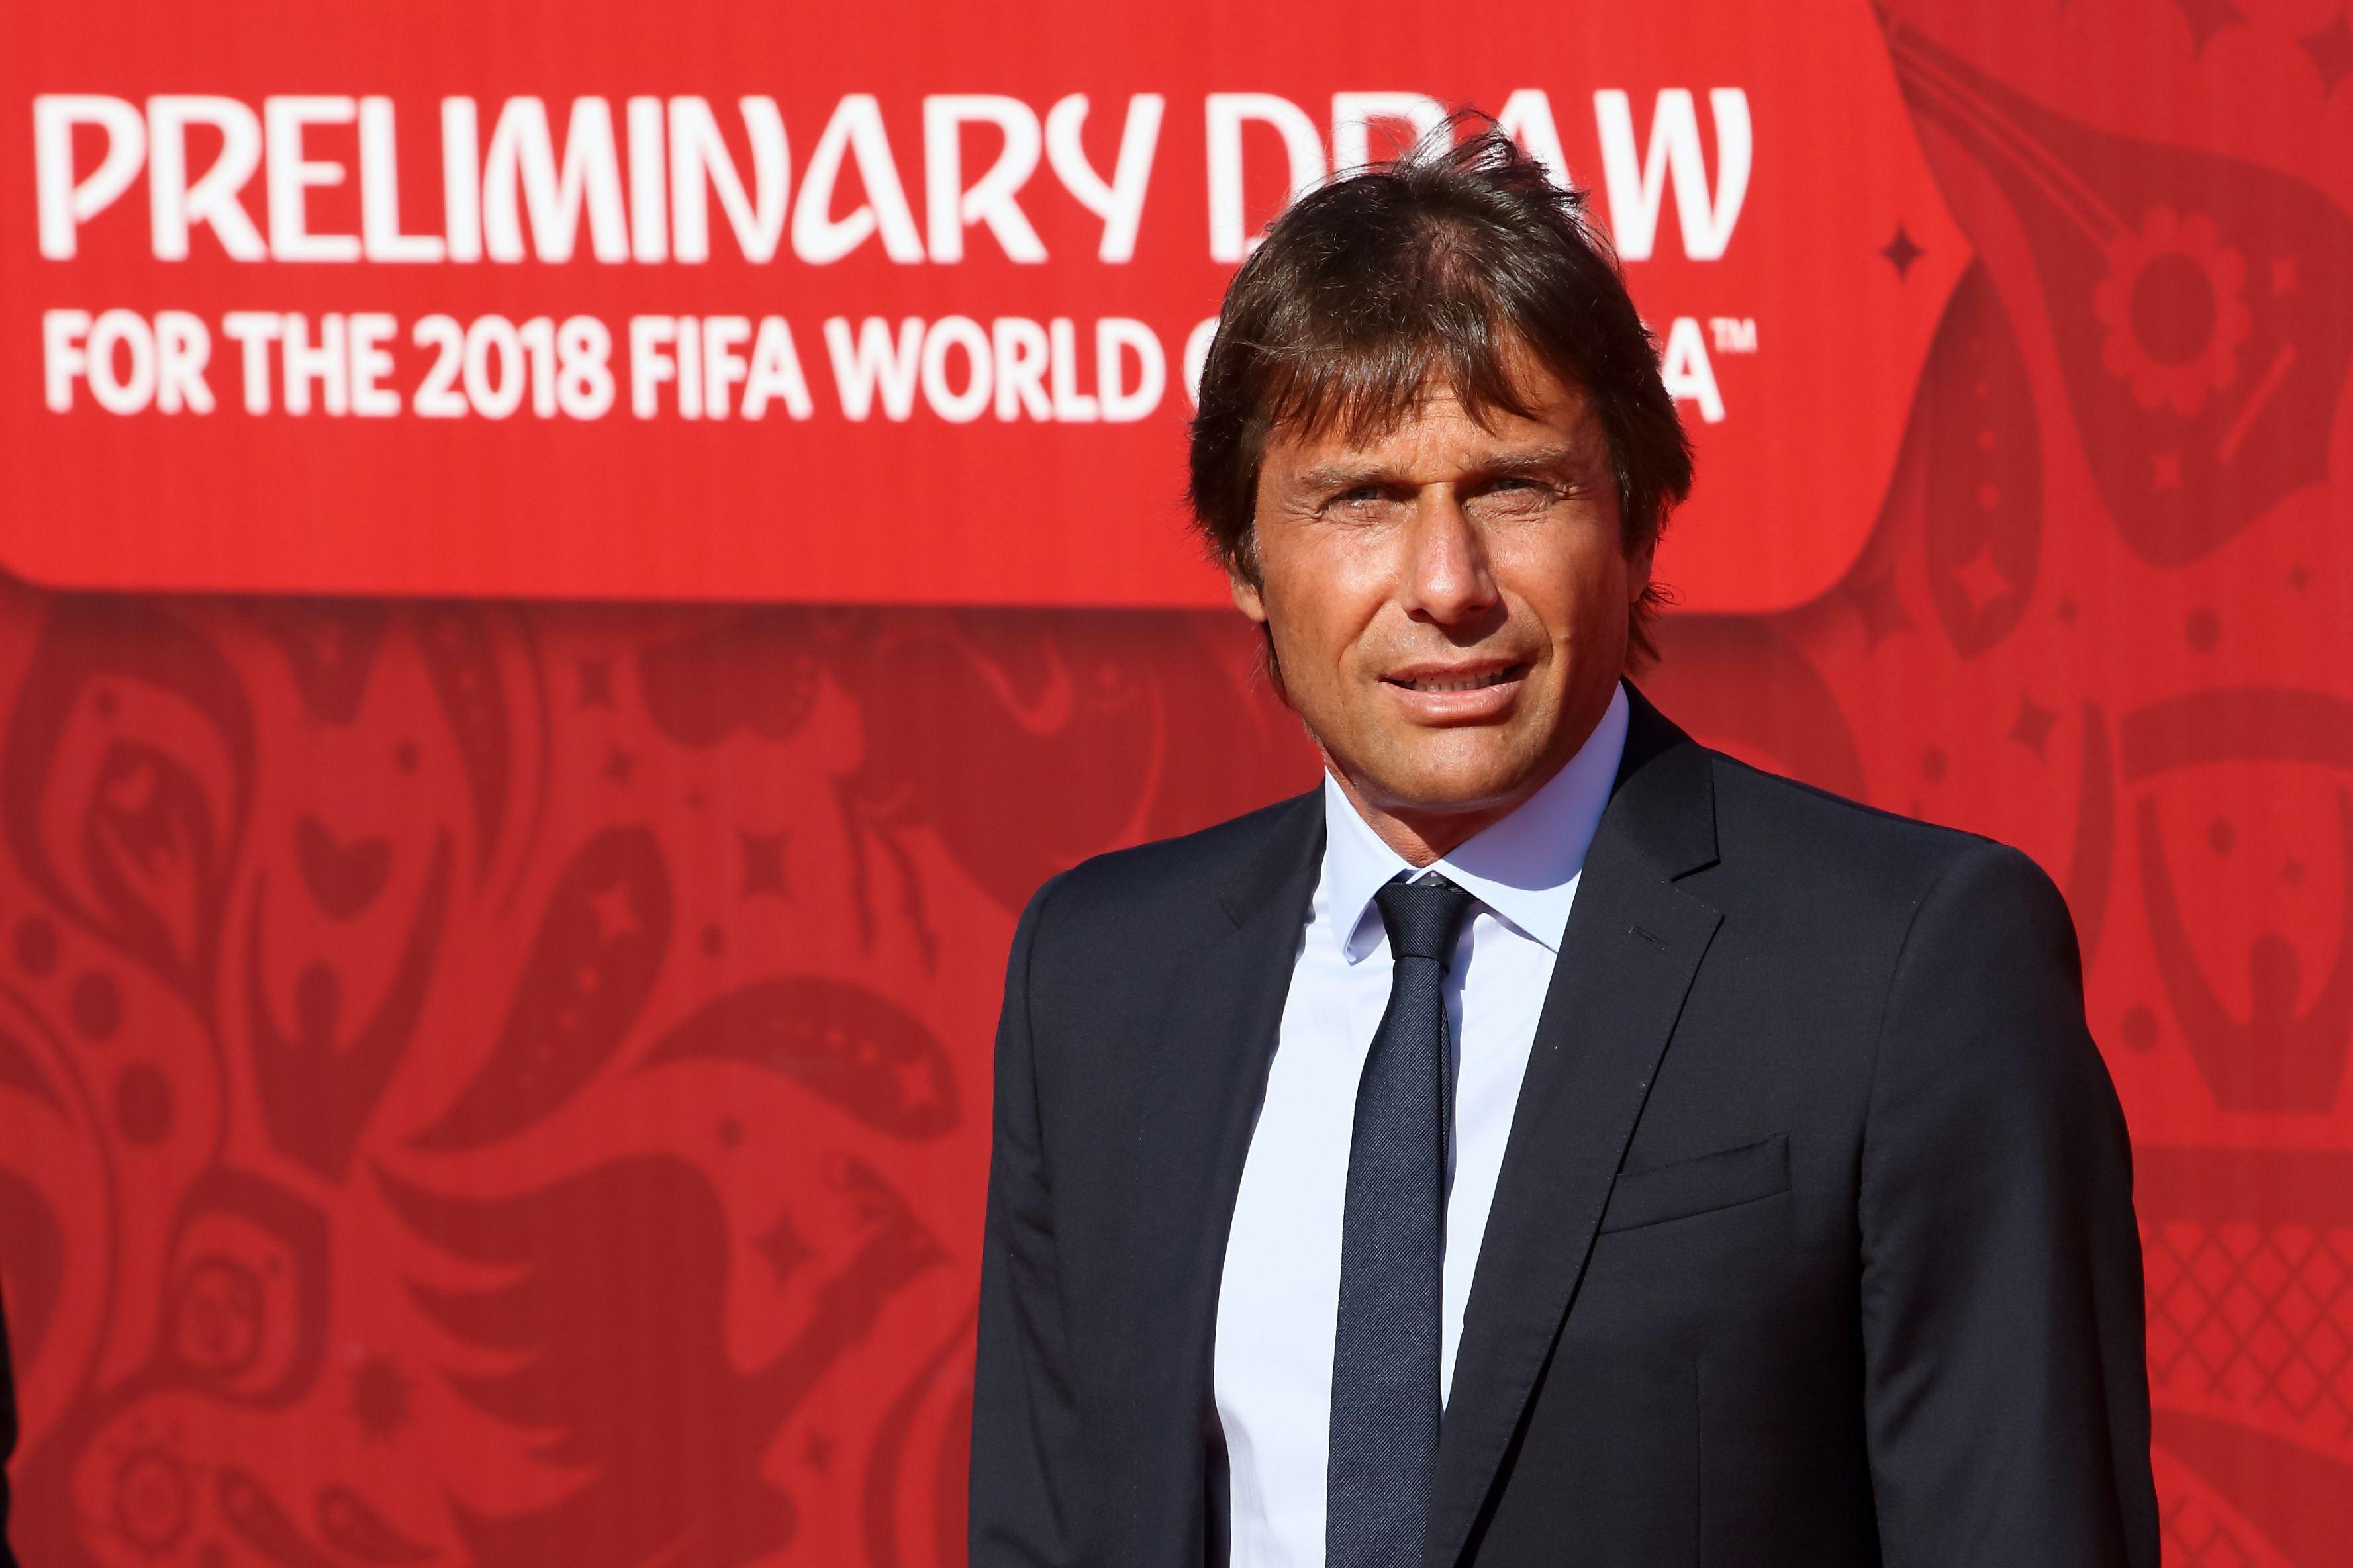 Конте: 'Была возможность стать тренером 'Реала'